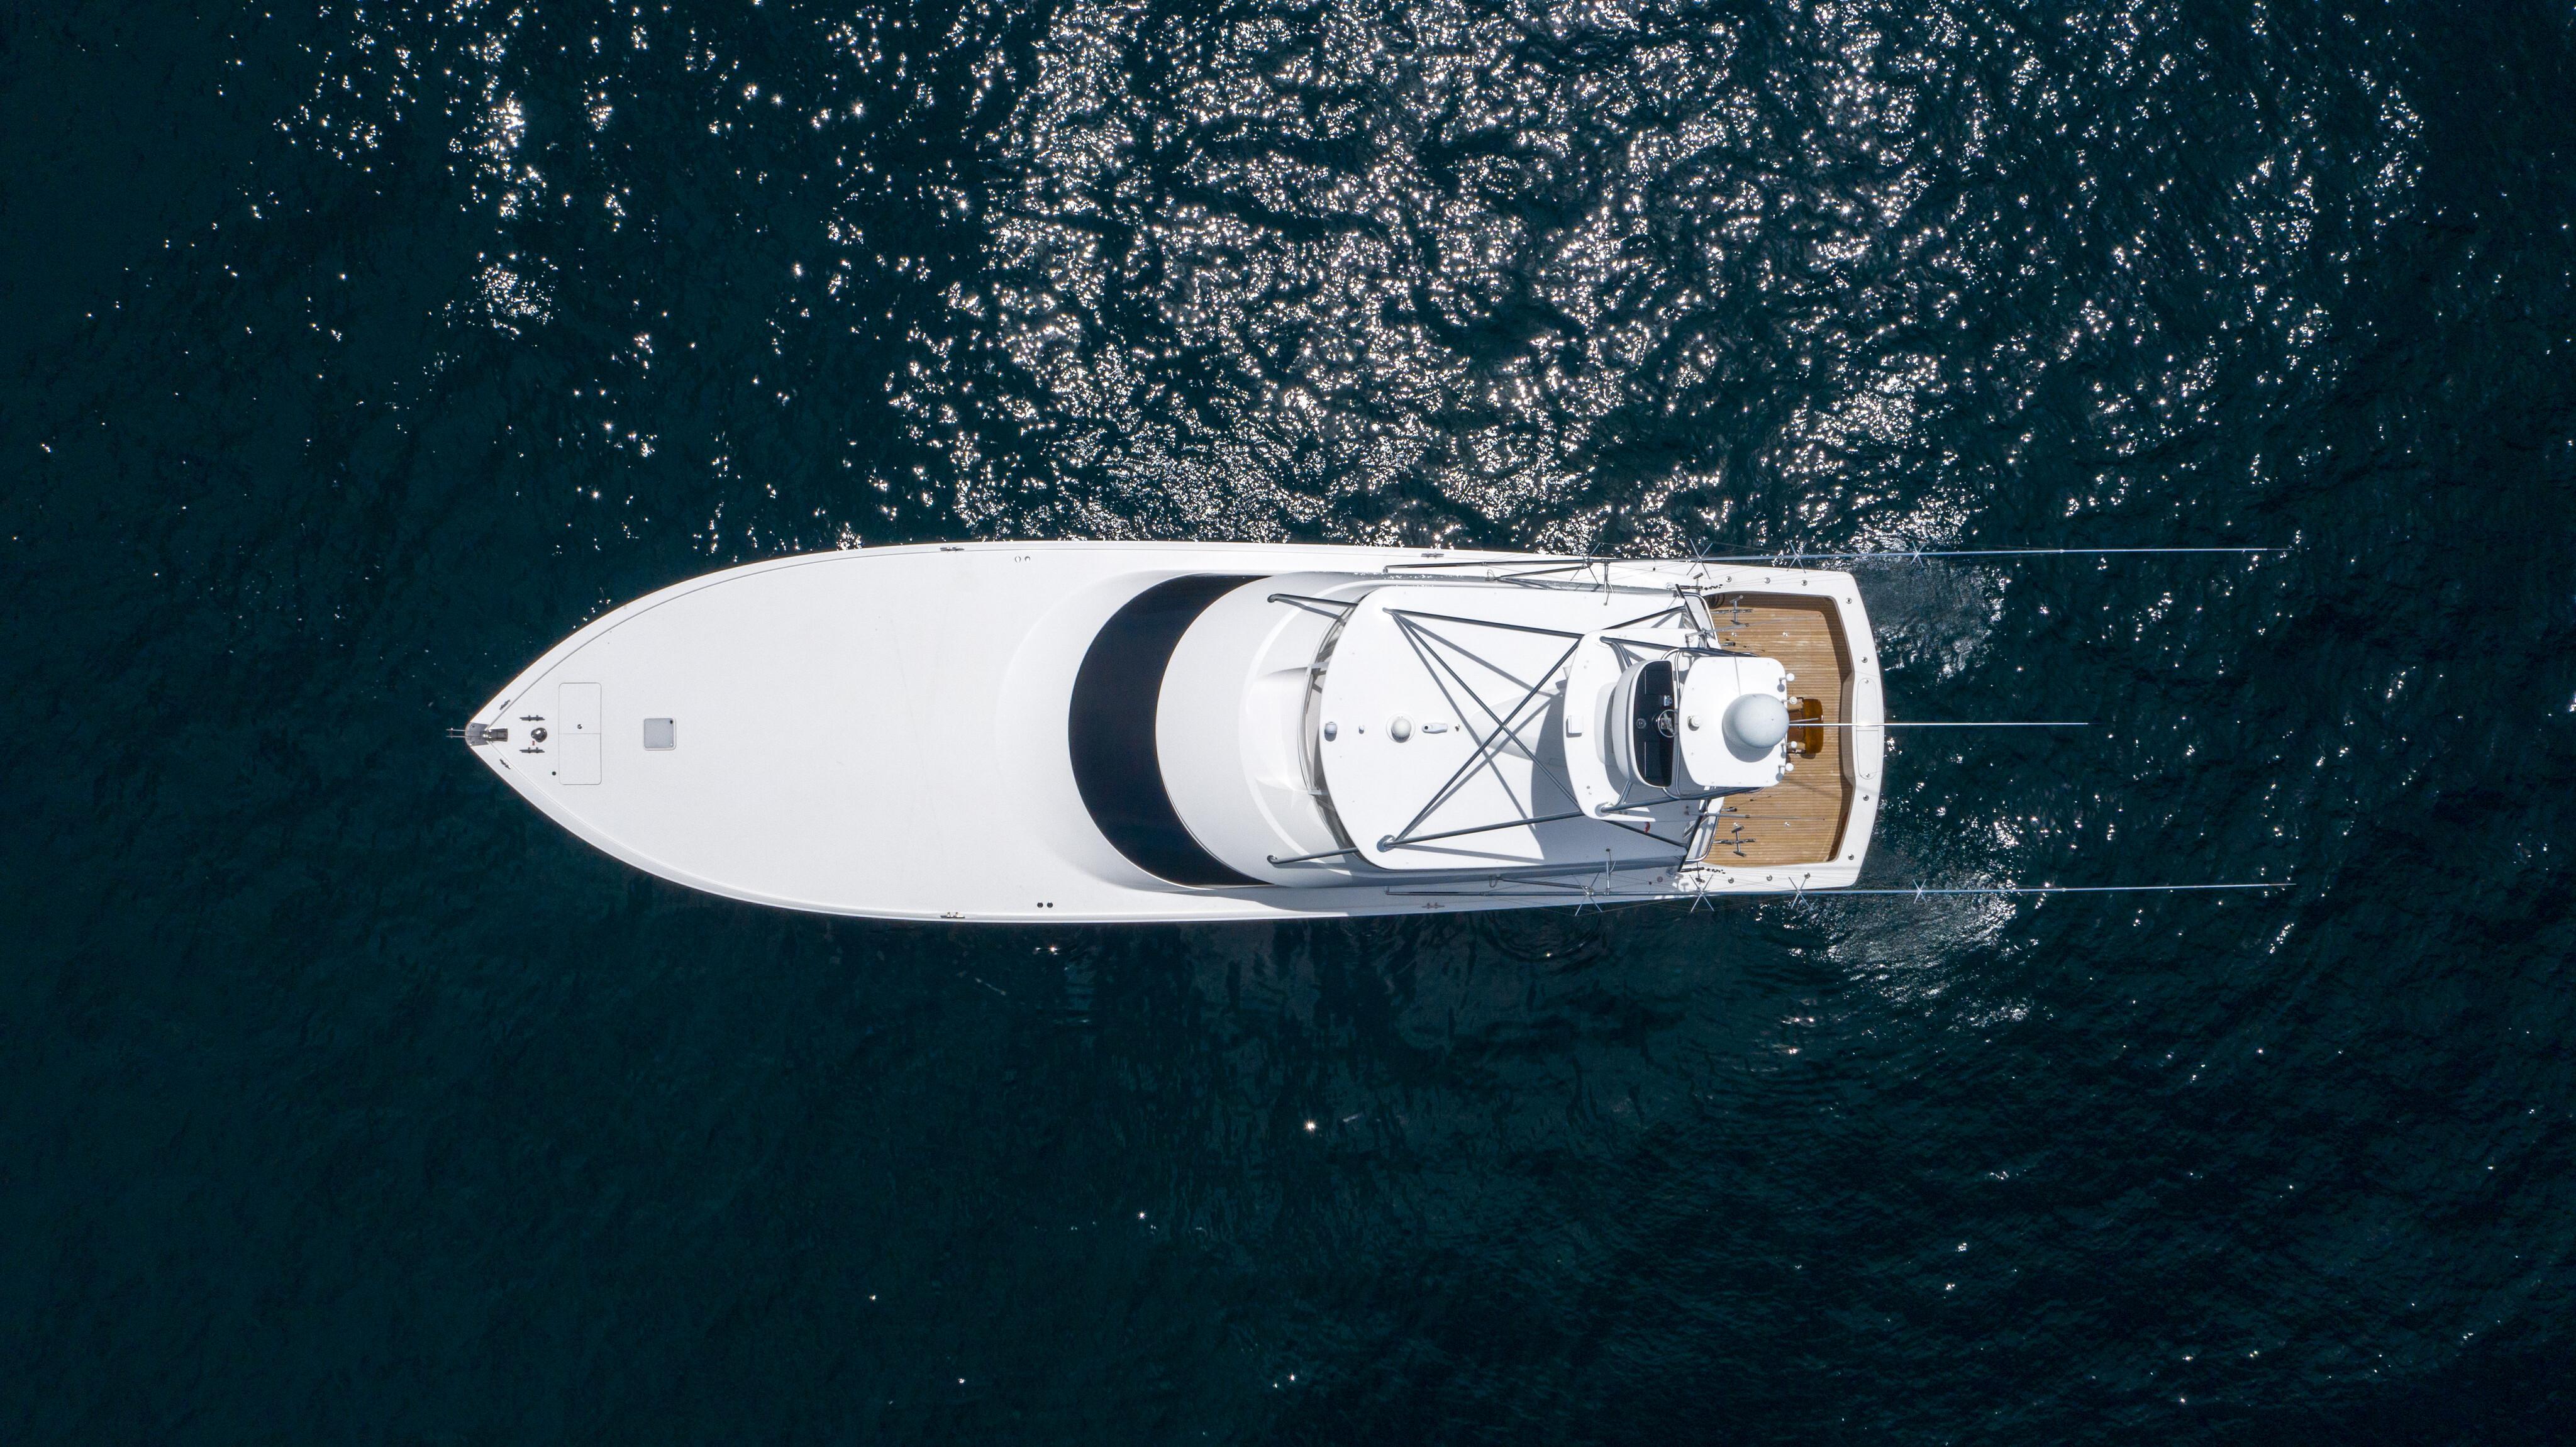 2012 76 Viking SF - Profile Aerial